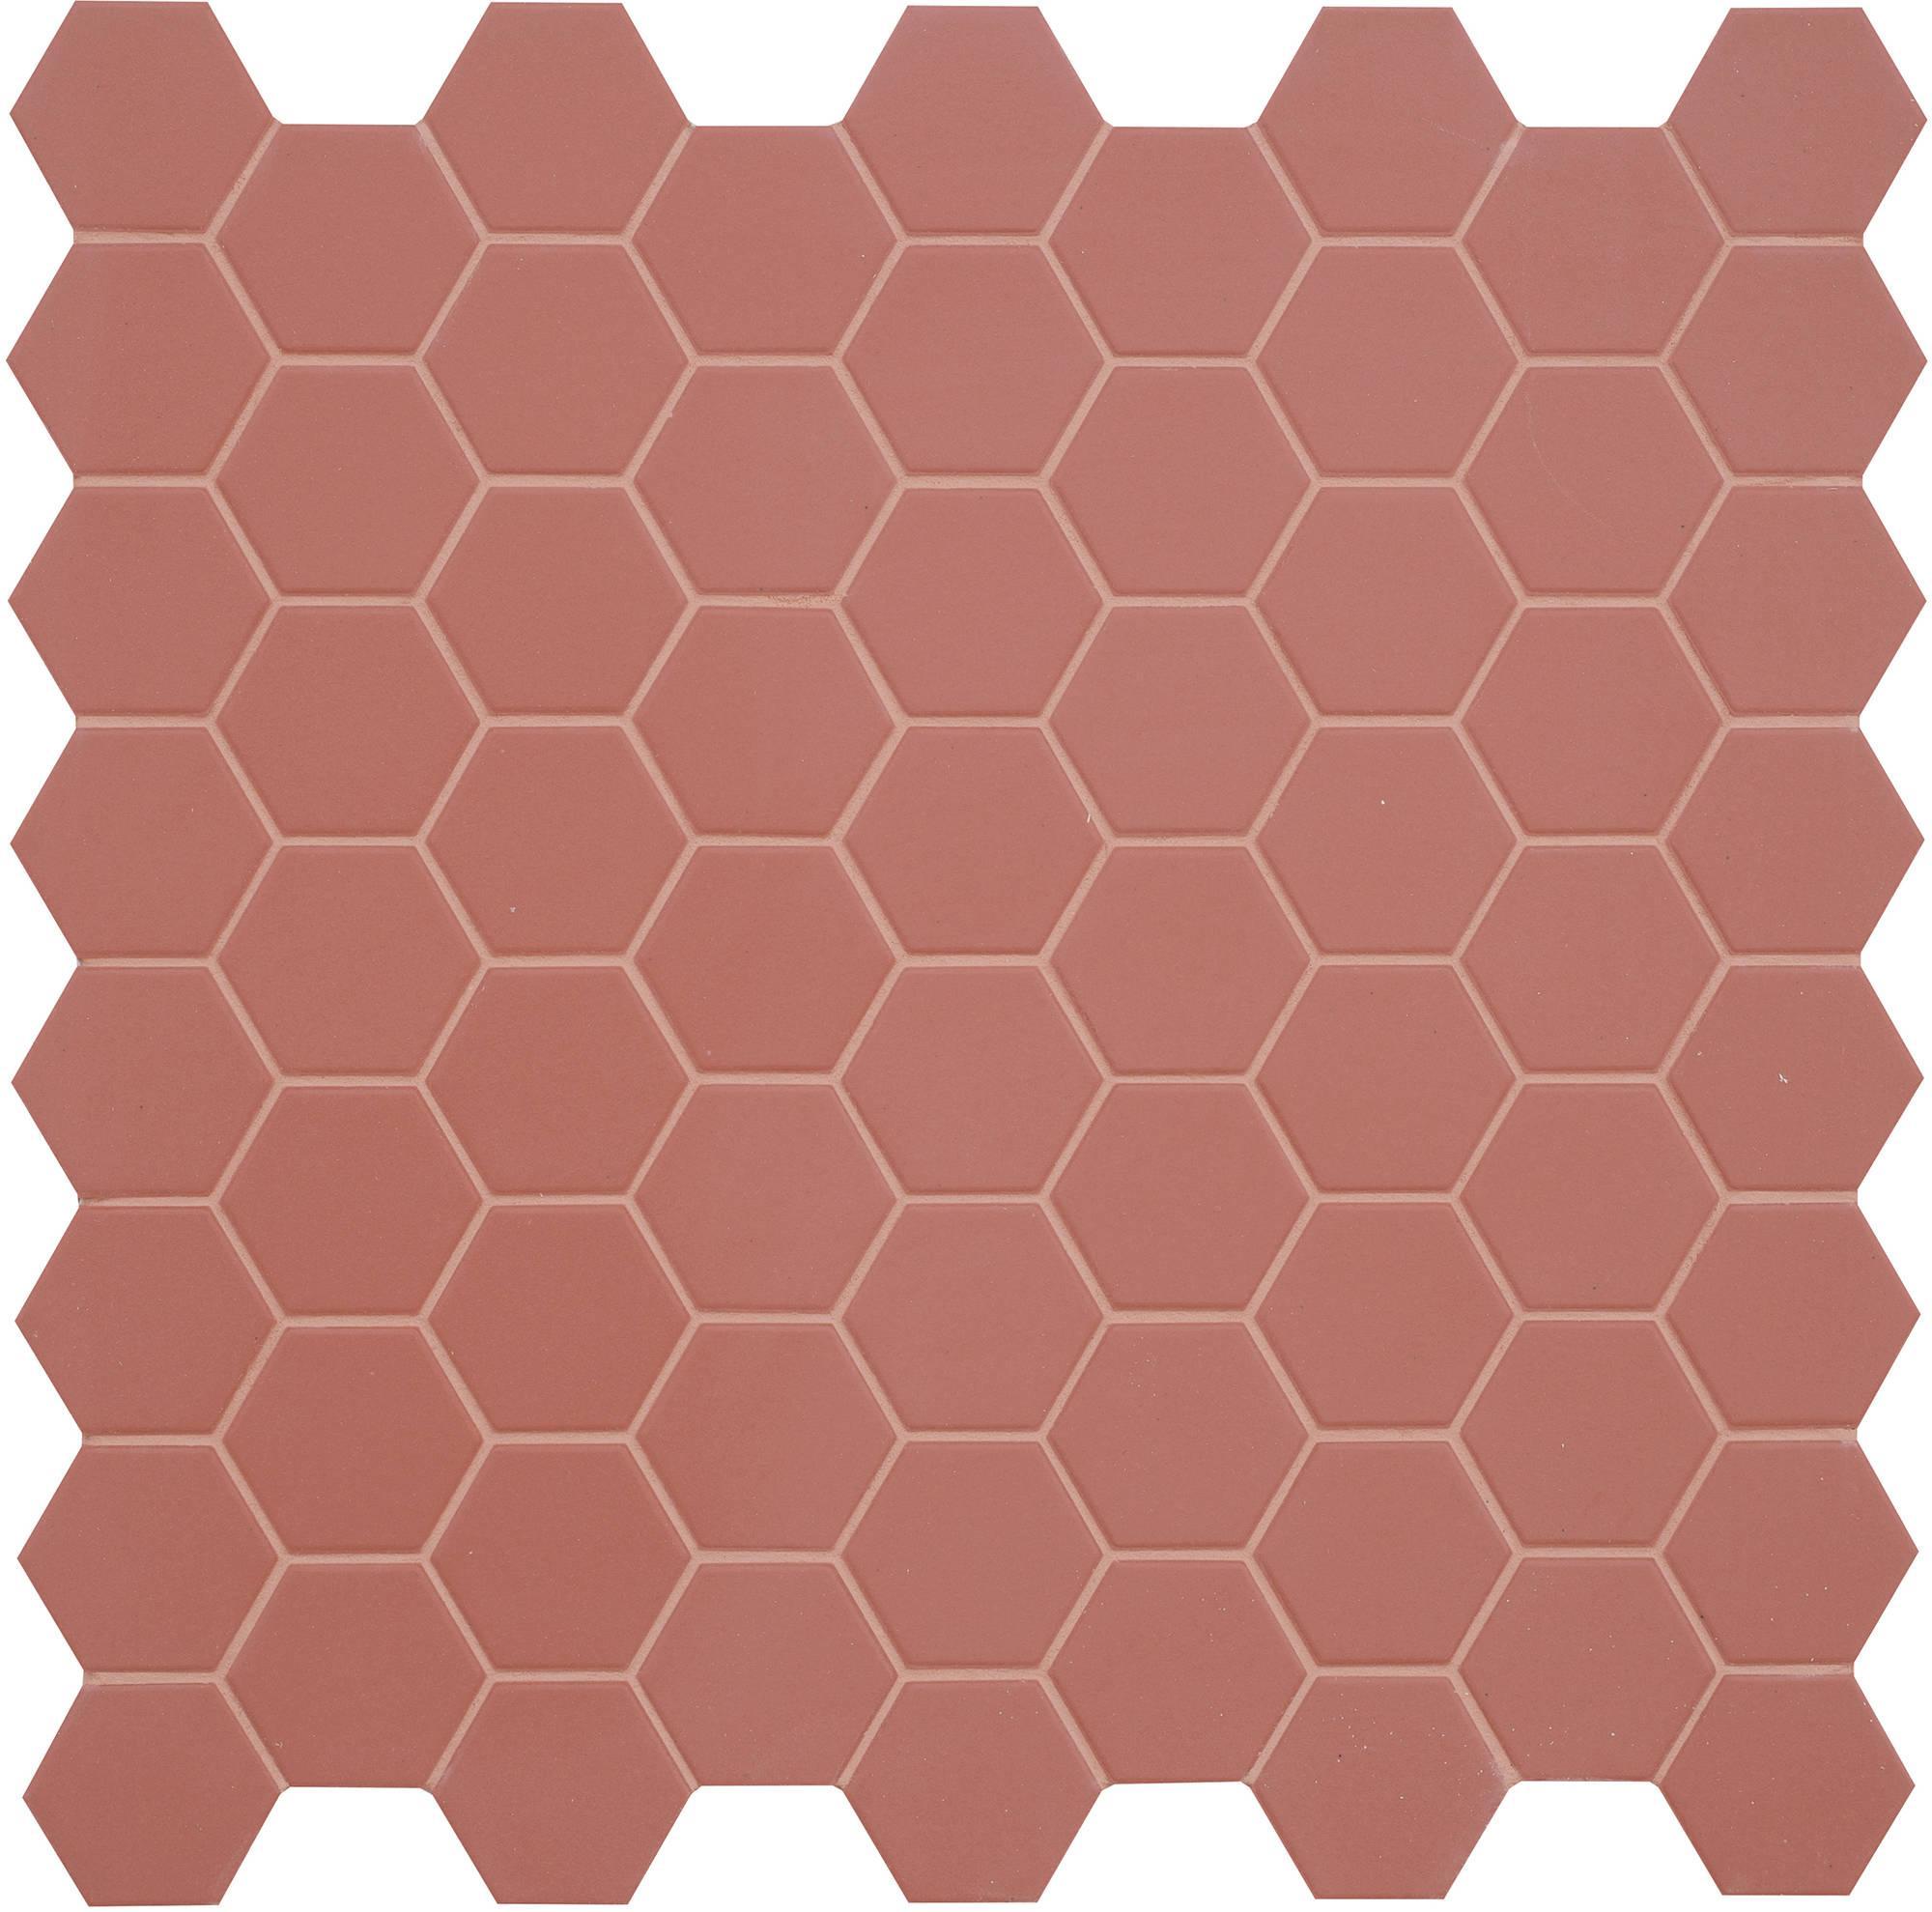 Mozaïek Terratinta Hexa 31,6x31,6 cm cherry pie 10ST